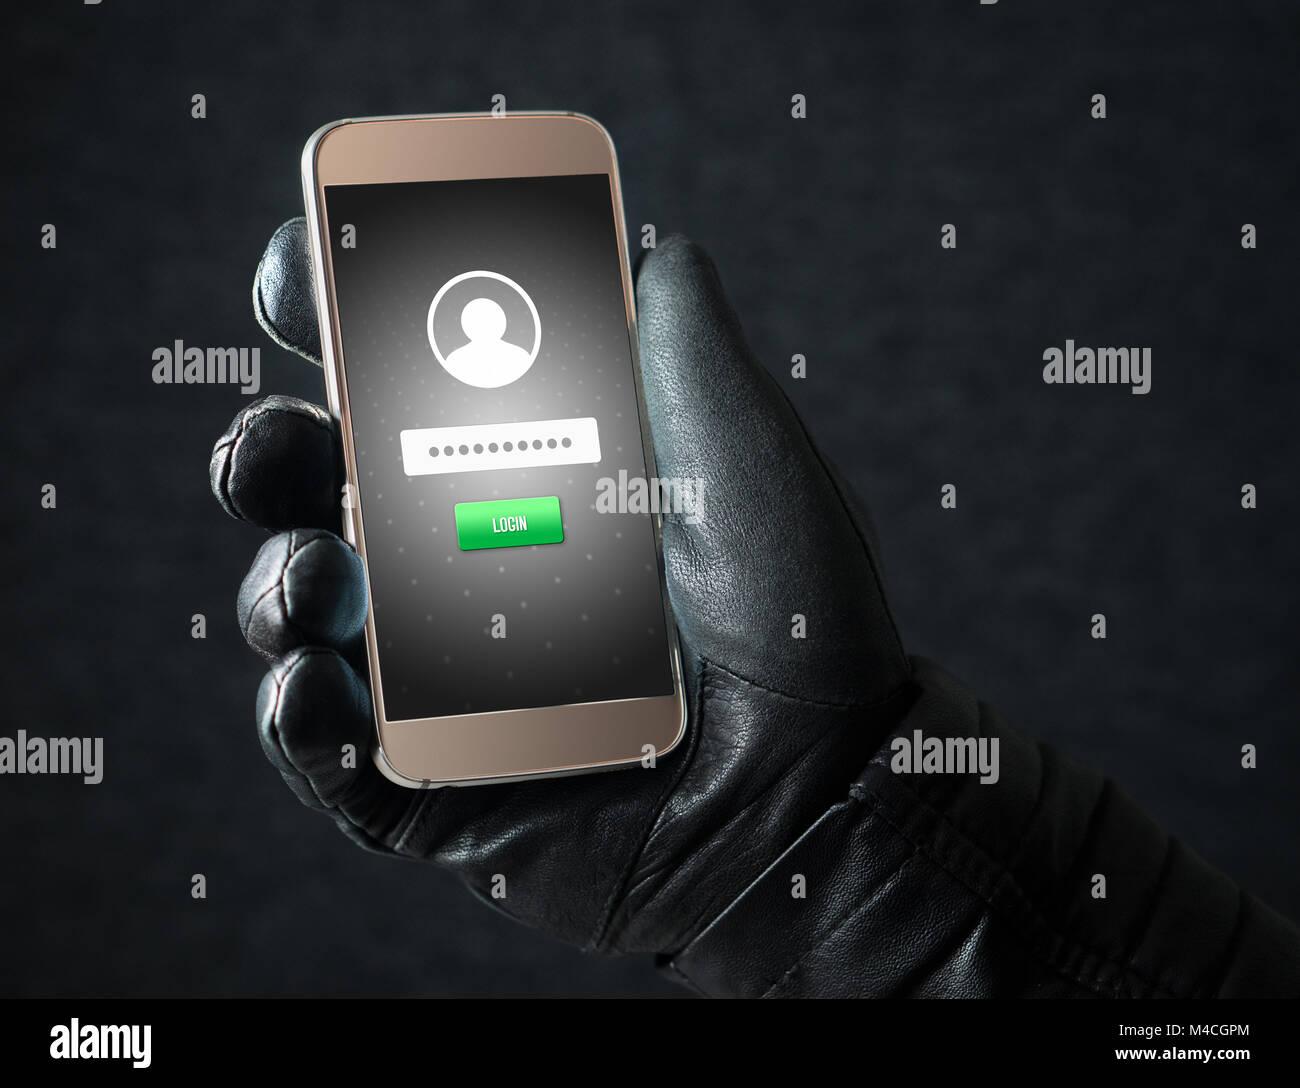 Identitätsdiebstahl und Cyber Security Konzept. Mobile Hacker und kriminelle Login für Personen online Stockbild